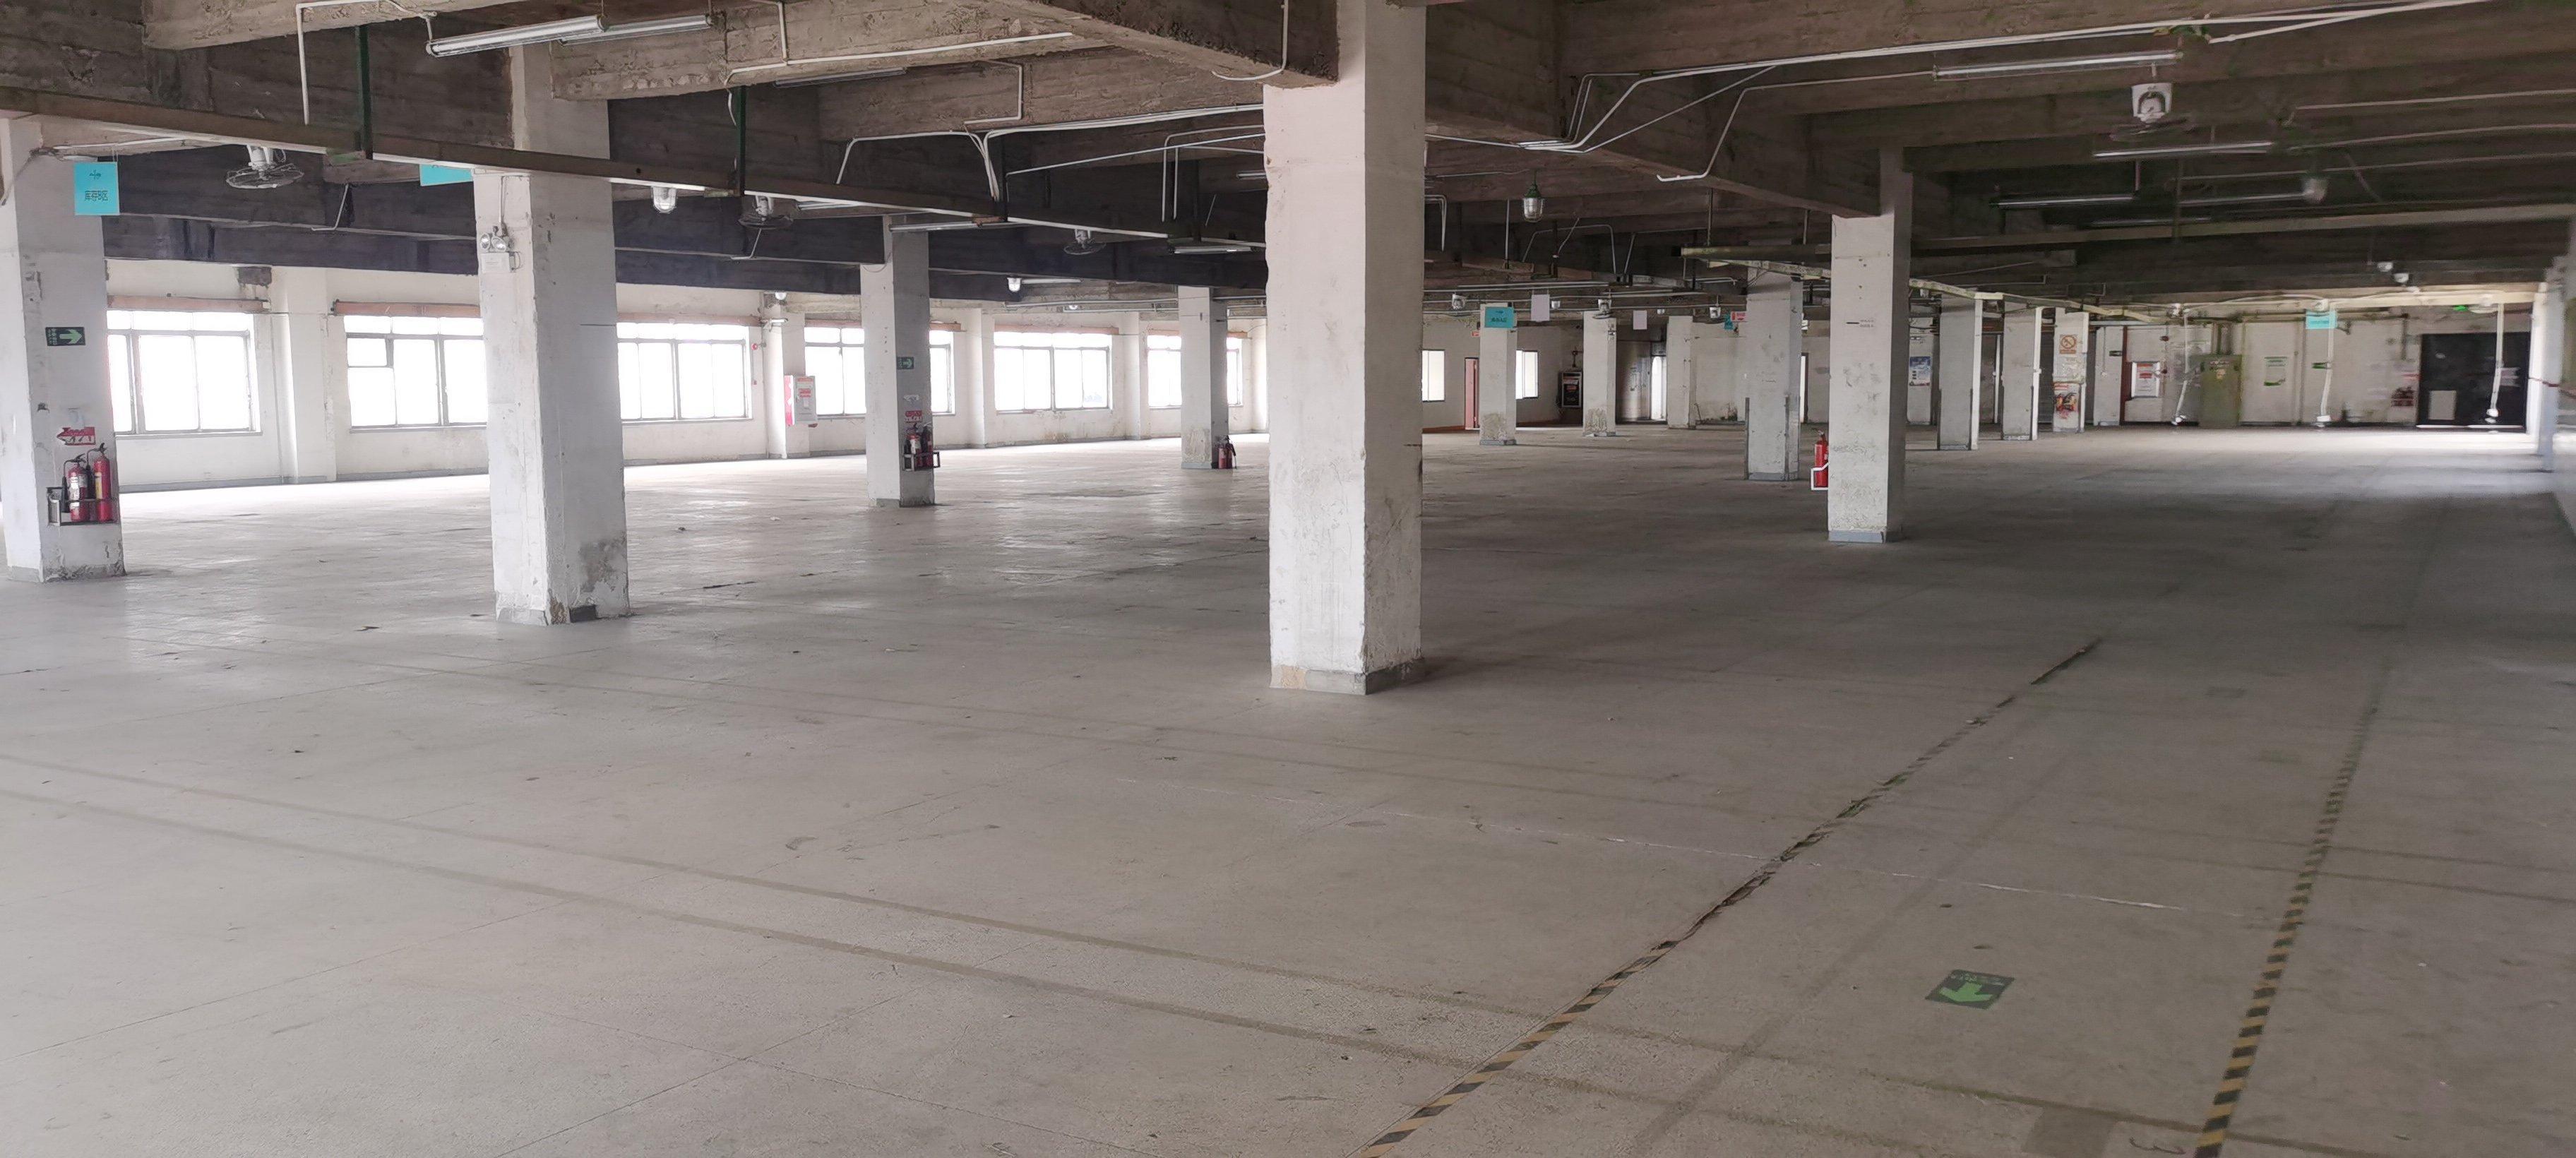 化龙附近新出工业园区标准厂房,原房东实际面积出租